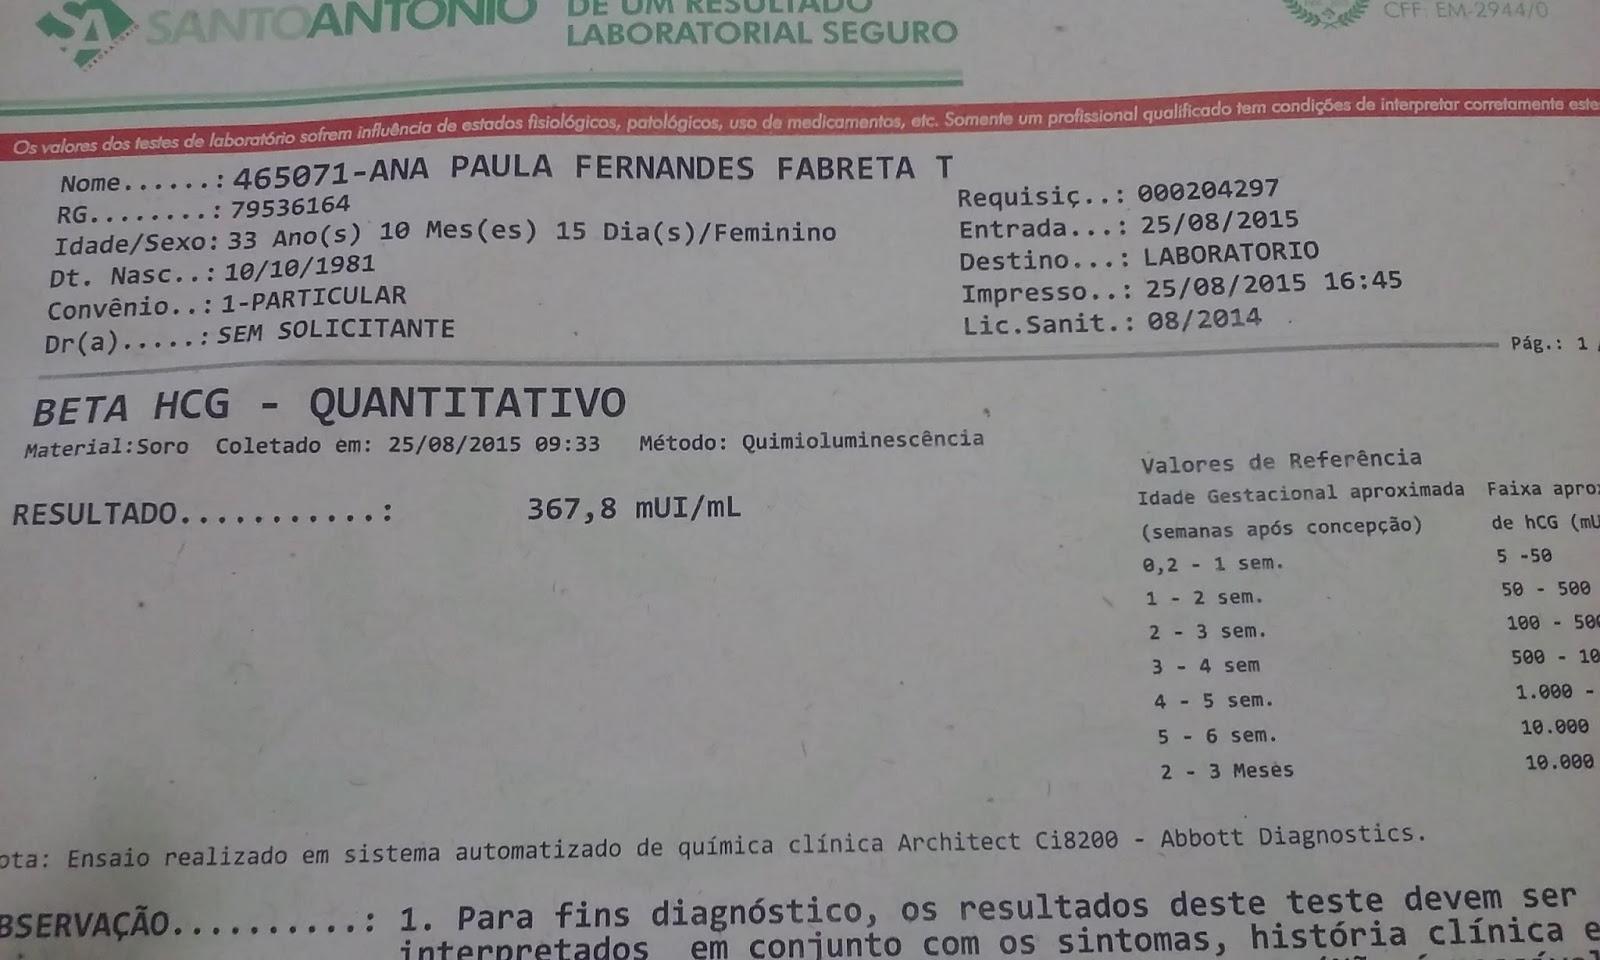 Exame De Beta Hcg Monografia Serviço Personalizado